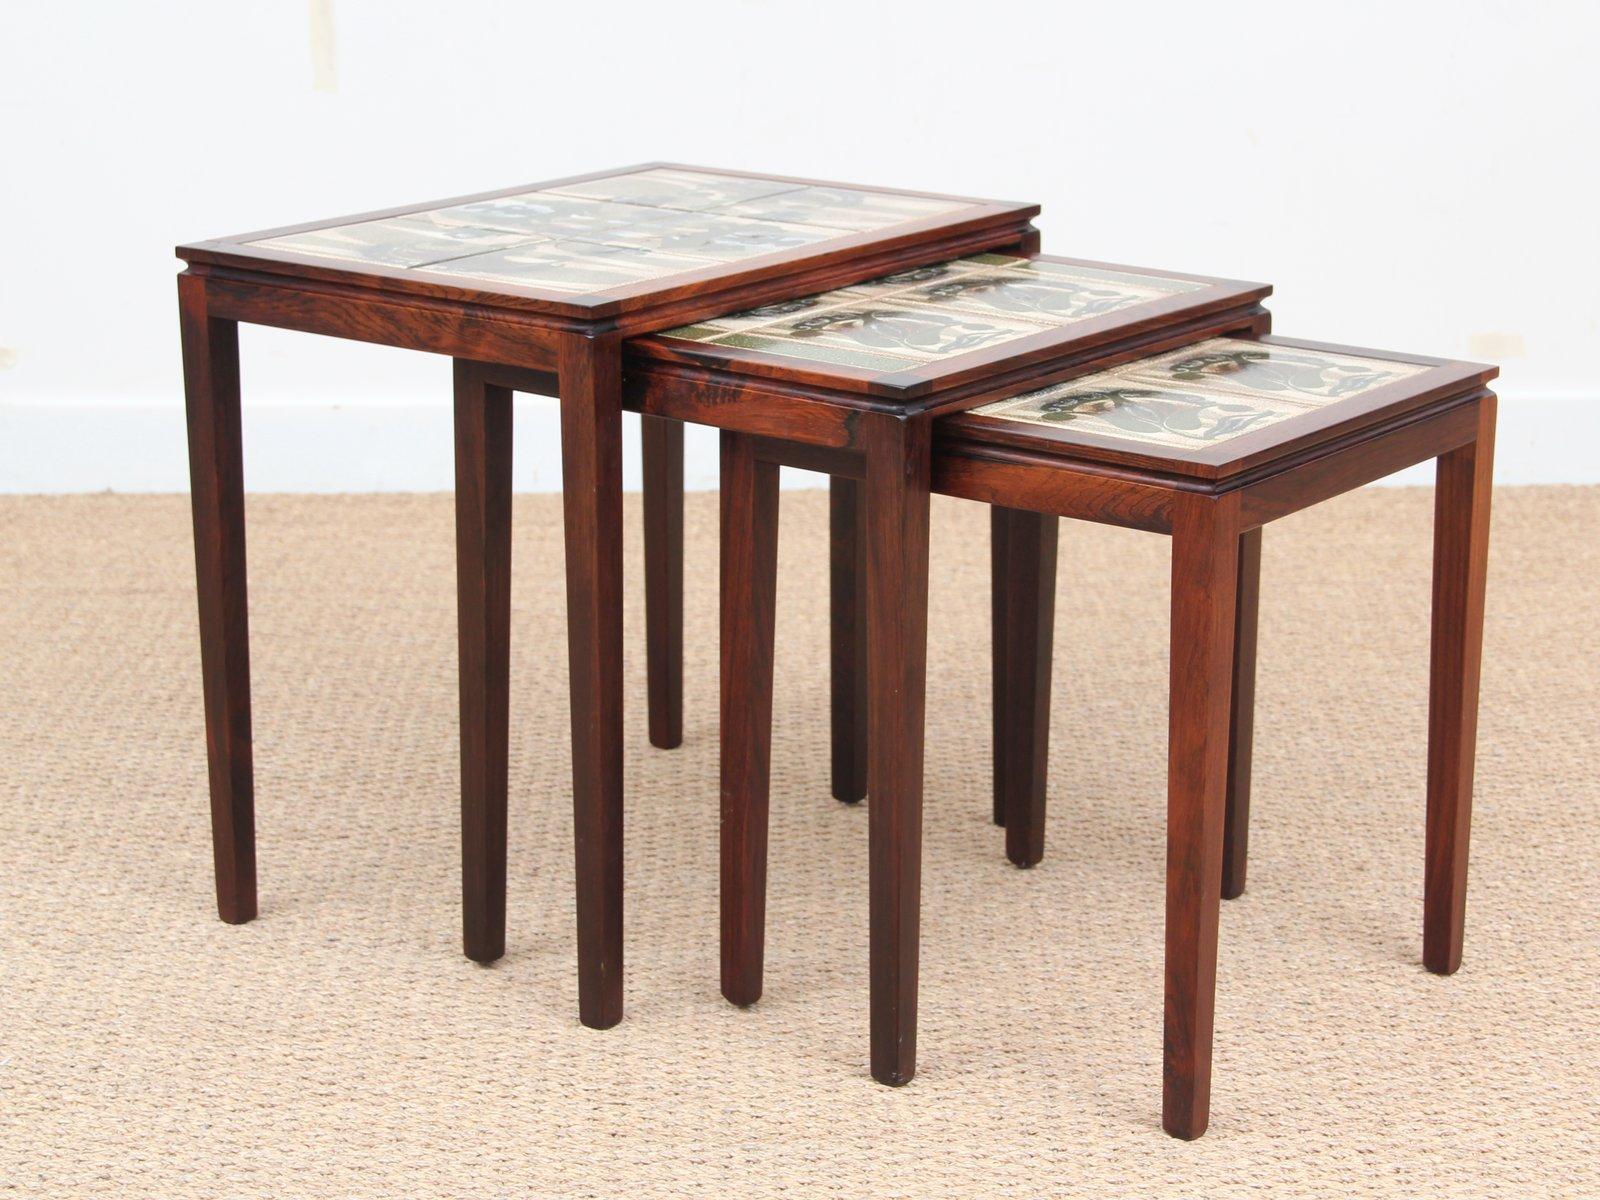 Tavolini a incastro in palissandro brasiliano con piastrelle in